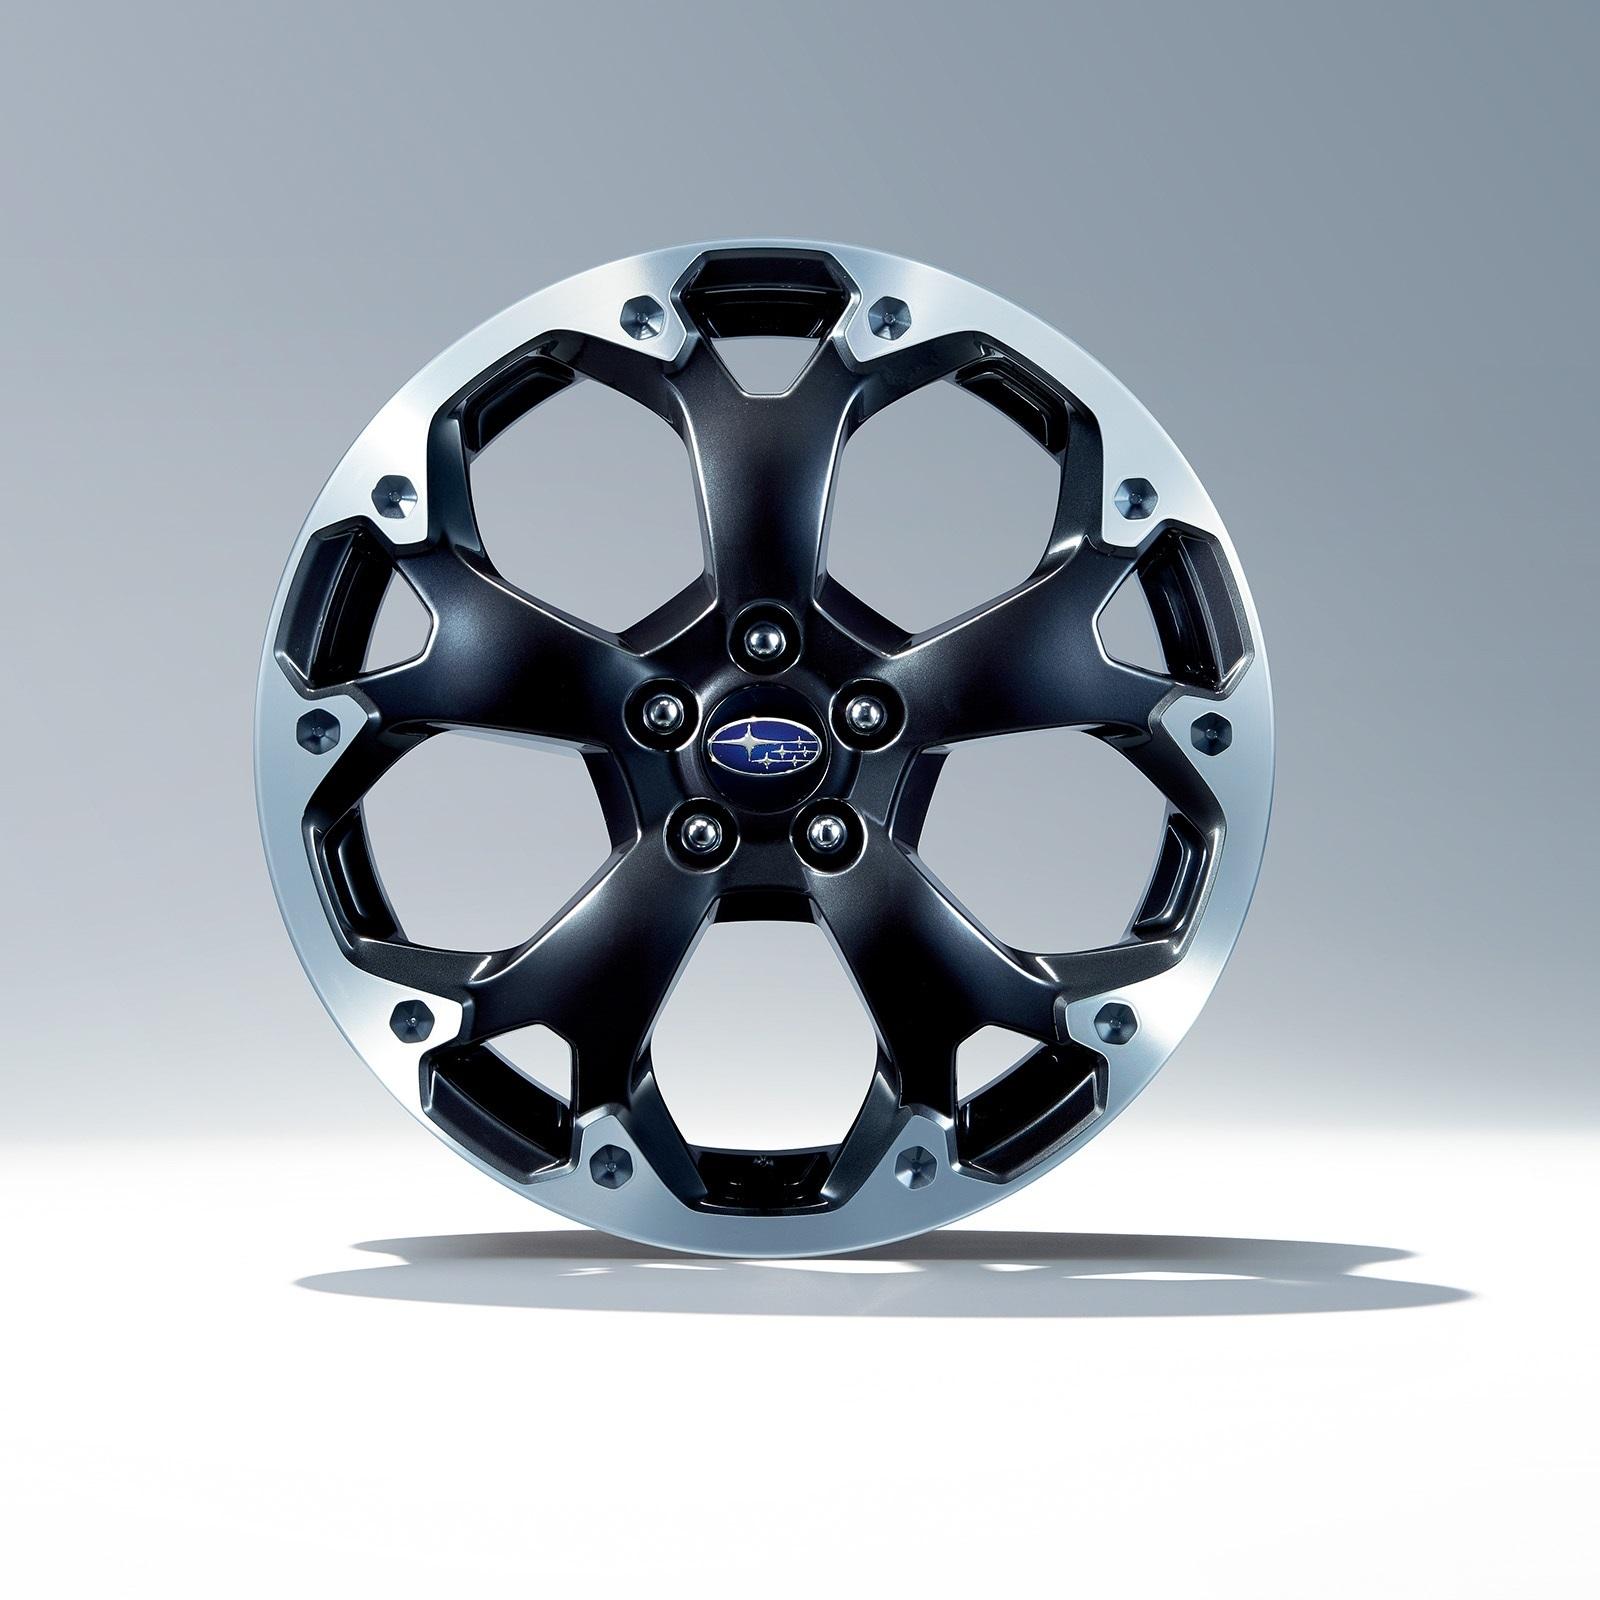 インプレッサWRXのスポーツワゴンからXVのあるべき姿を想像する_f0076731_16305772.jpg